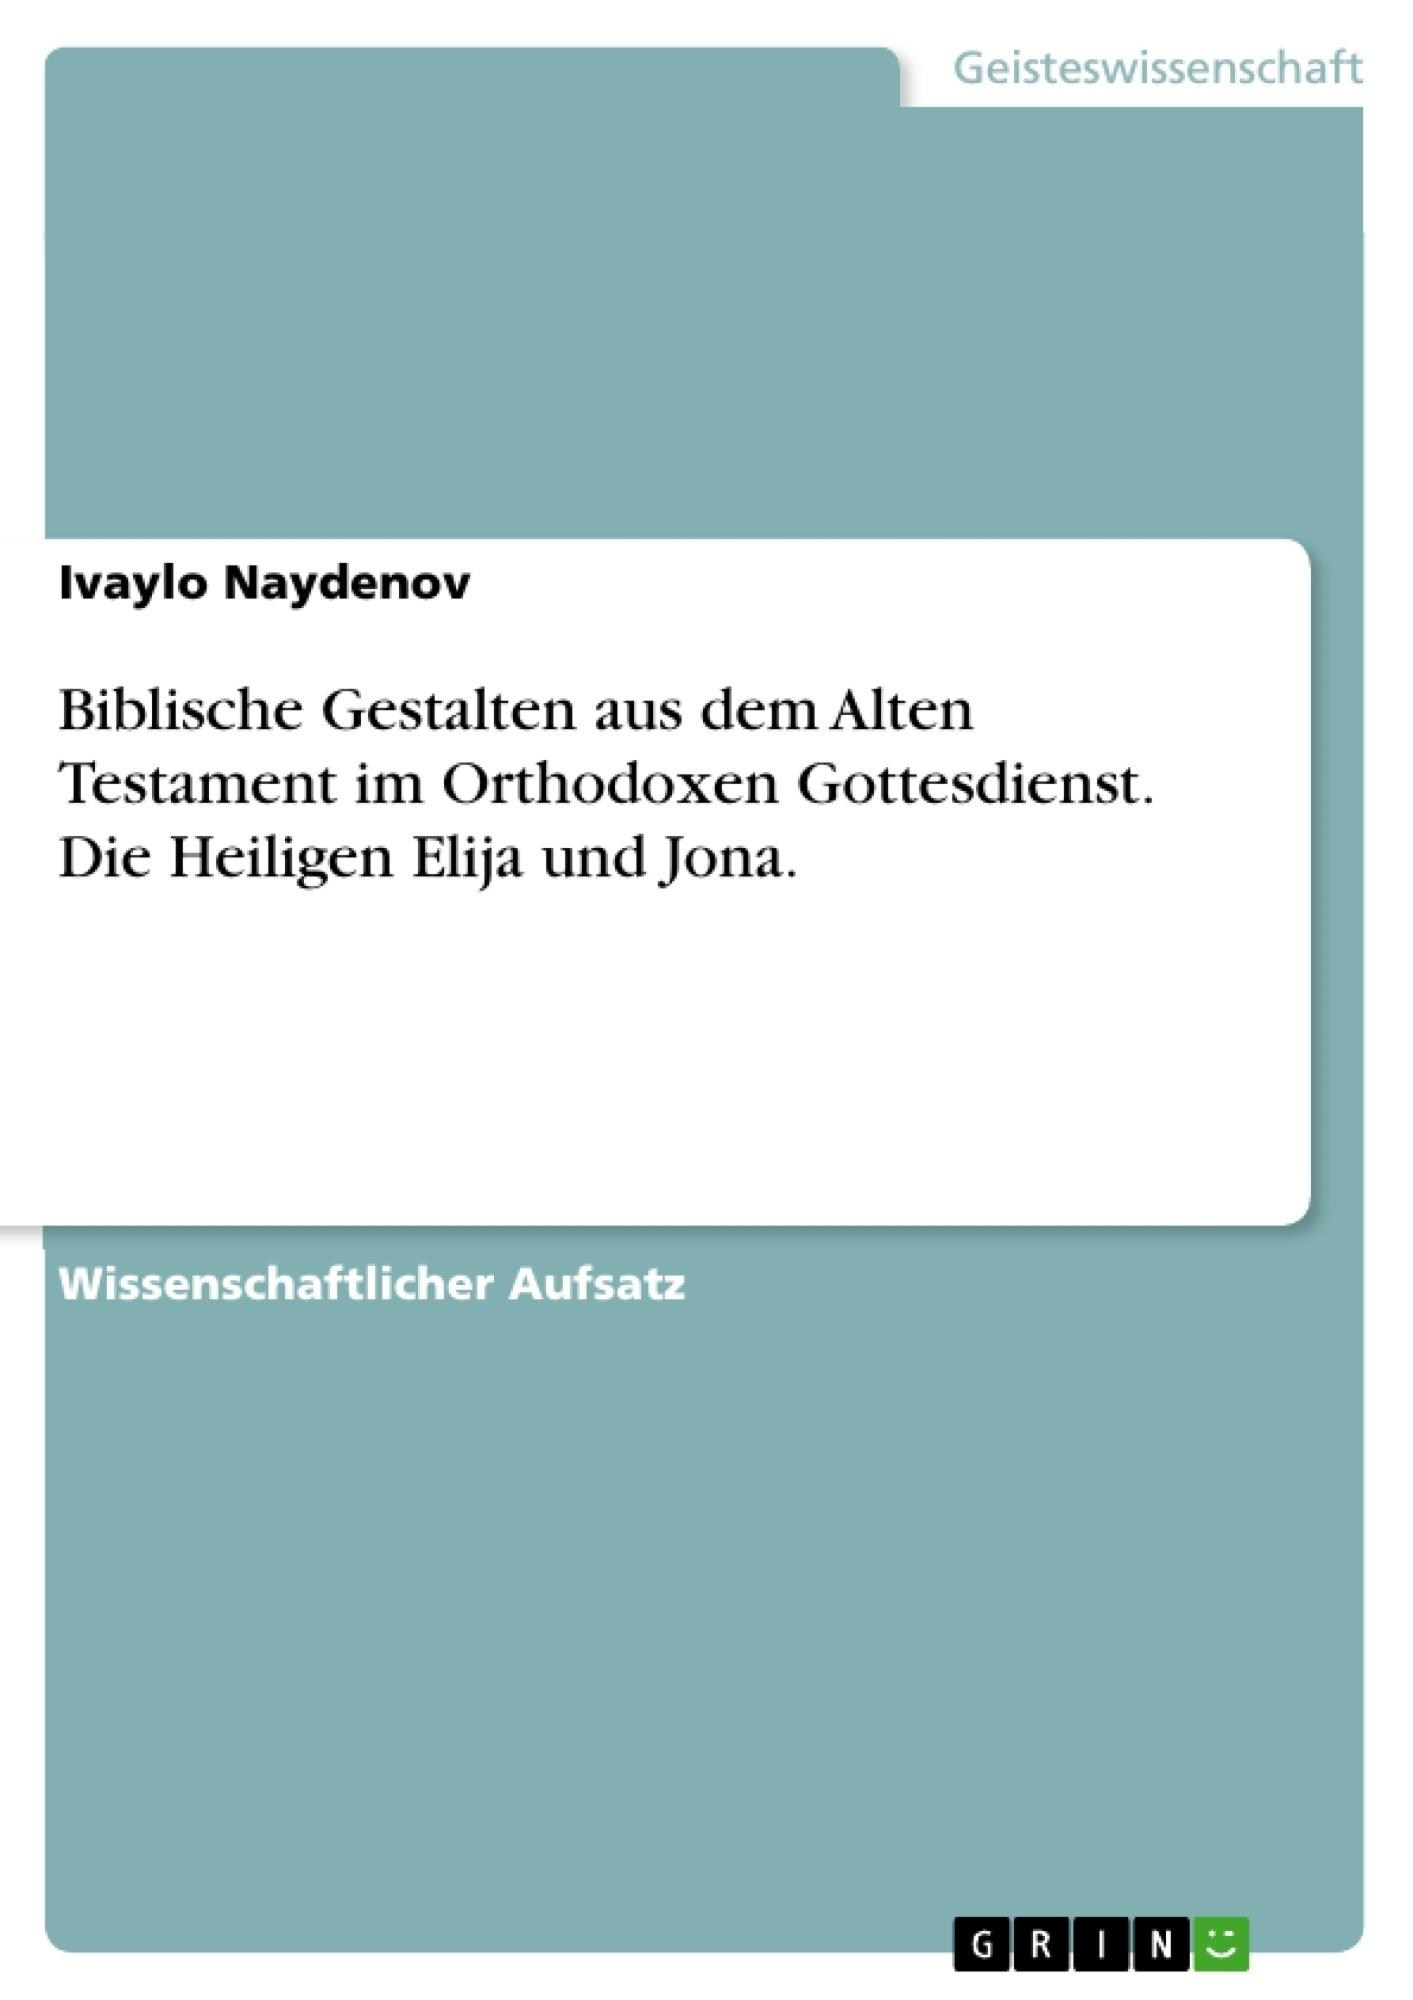 Titel: Biblische Gestalten aus dem Alten Testament im Orthodoxen Gottesdienst. Die Heiligen Elija und Jona.